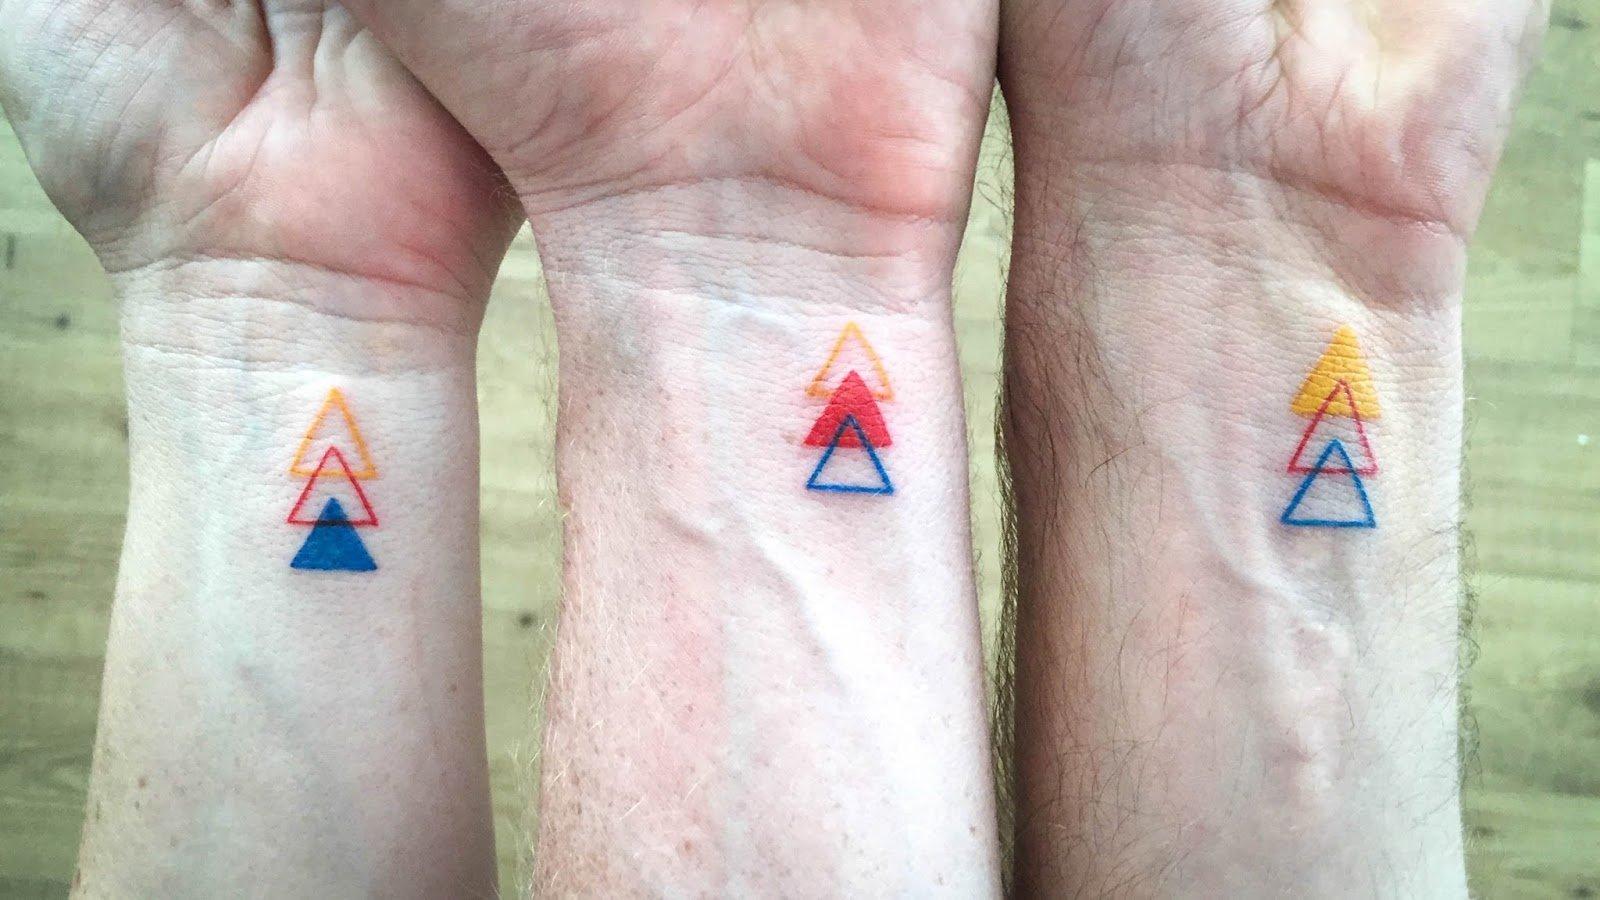 Geschwister Tattoo Minimalismus